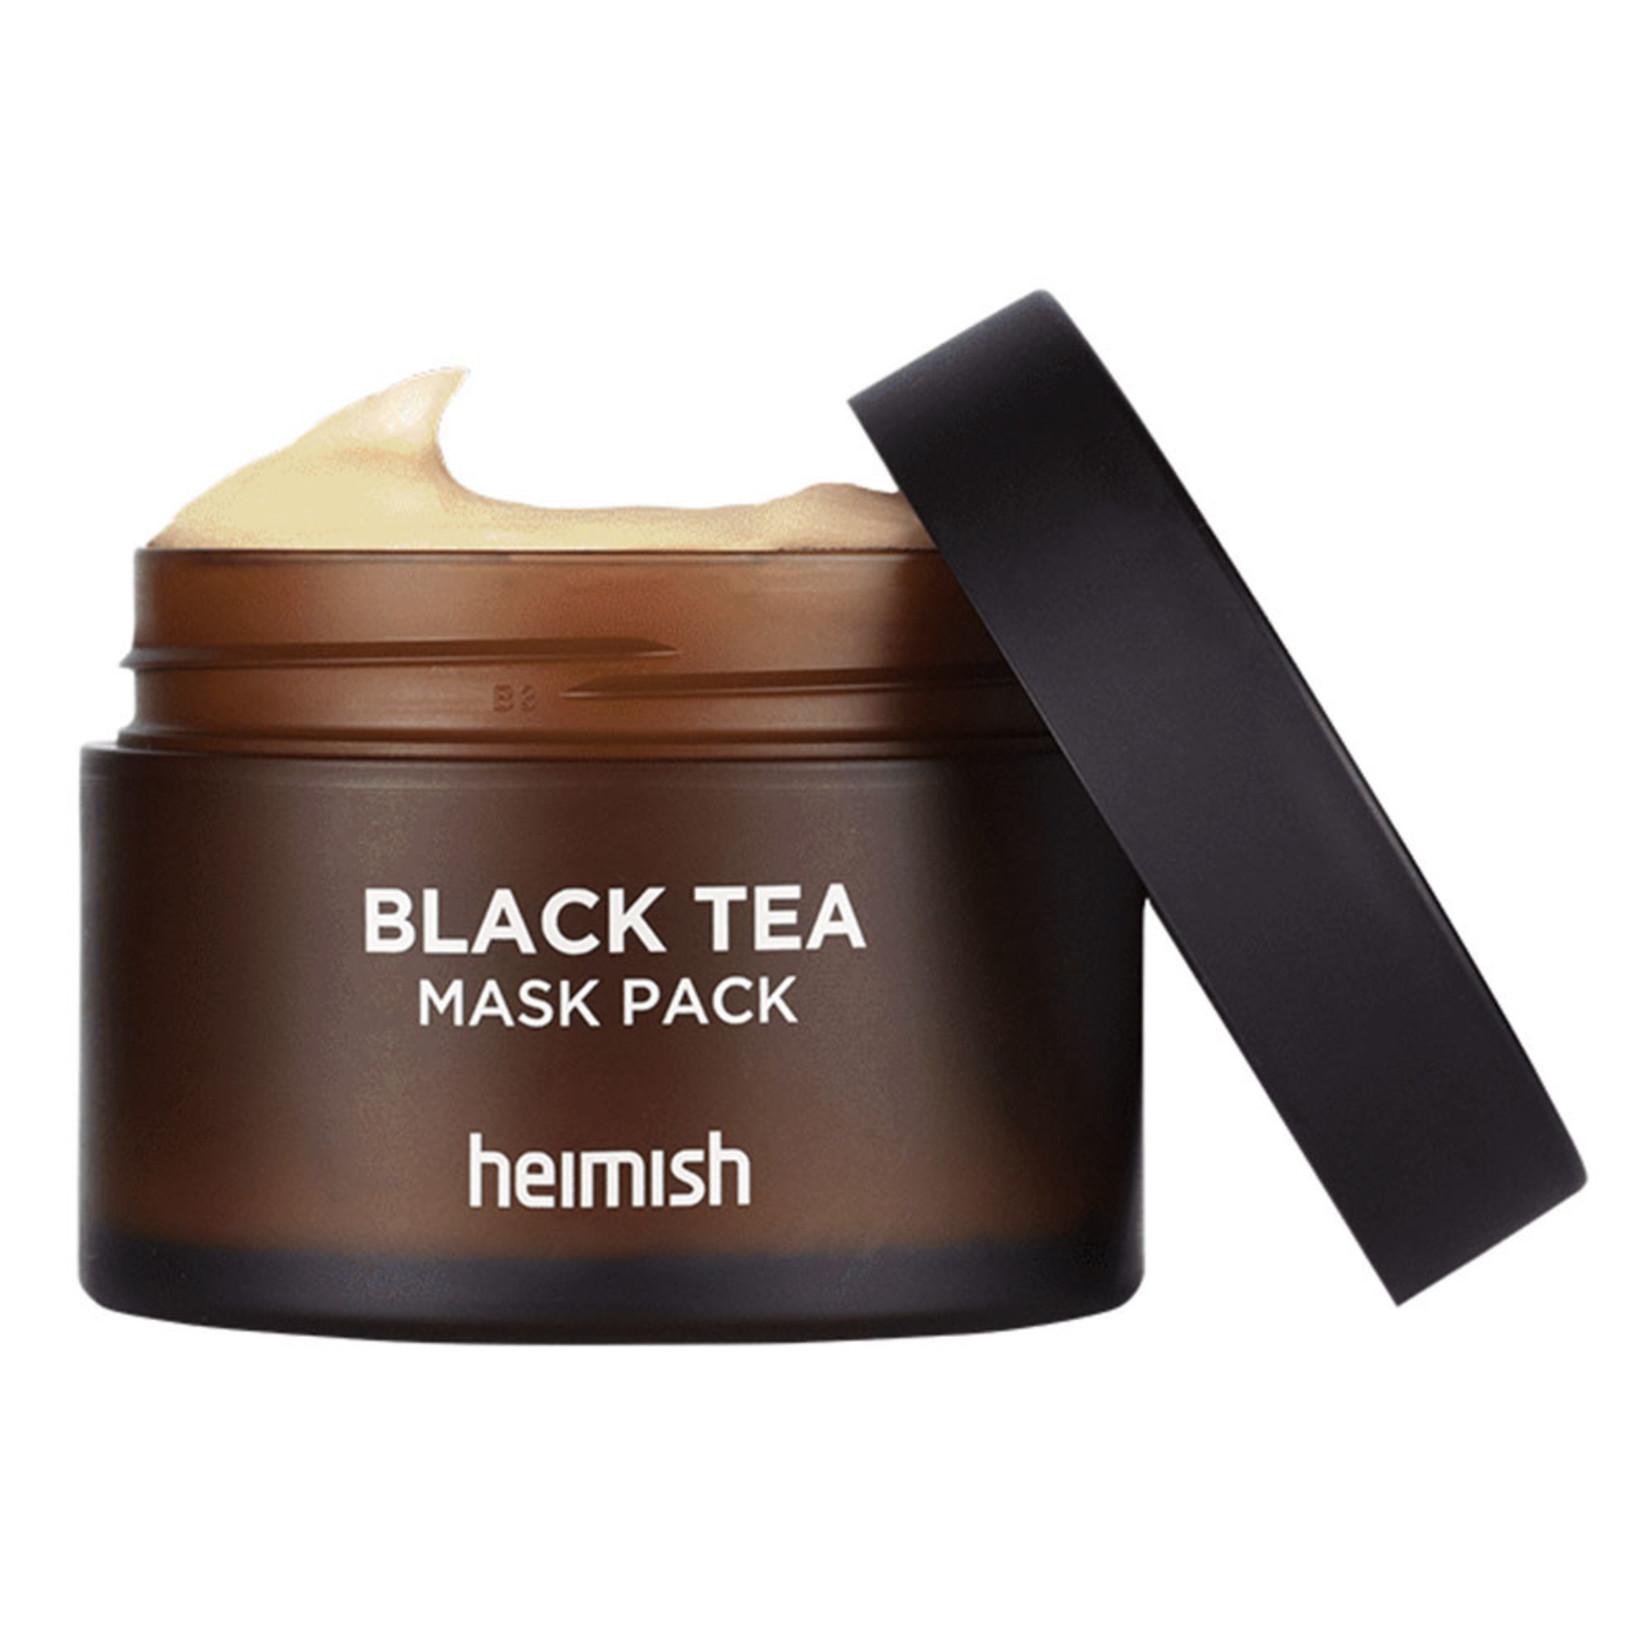 Heimish Black Tea Mask Pack